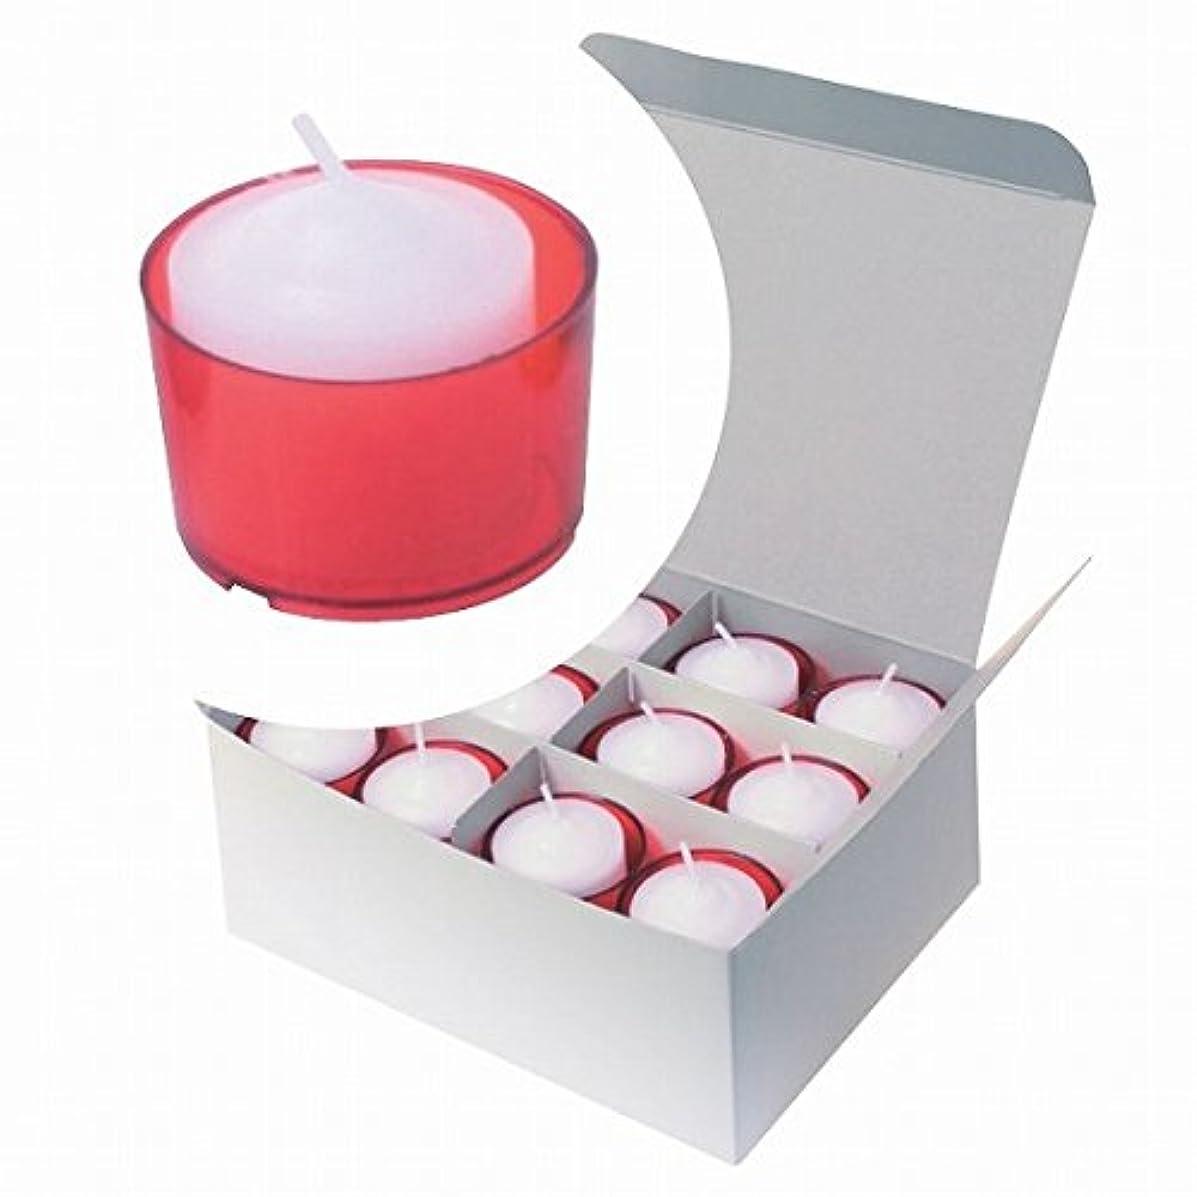 ワックス風刺に賛成カメヤマキャンドル( kameyama candle ) カラークリアカップボーティブ6時間タイプ 24個入り 「 レッド 」